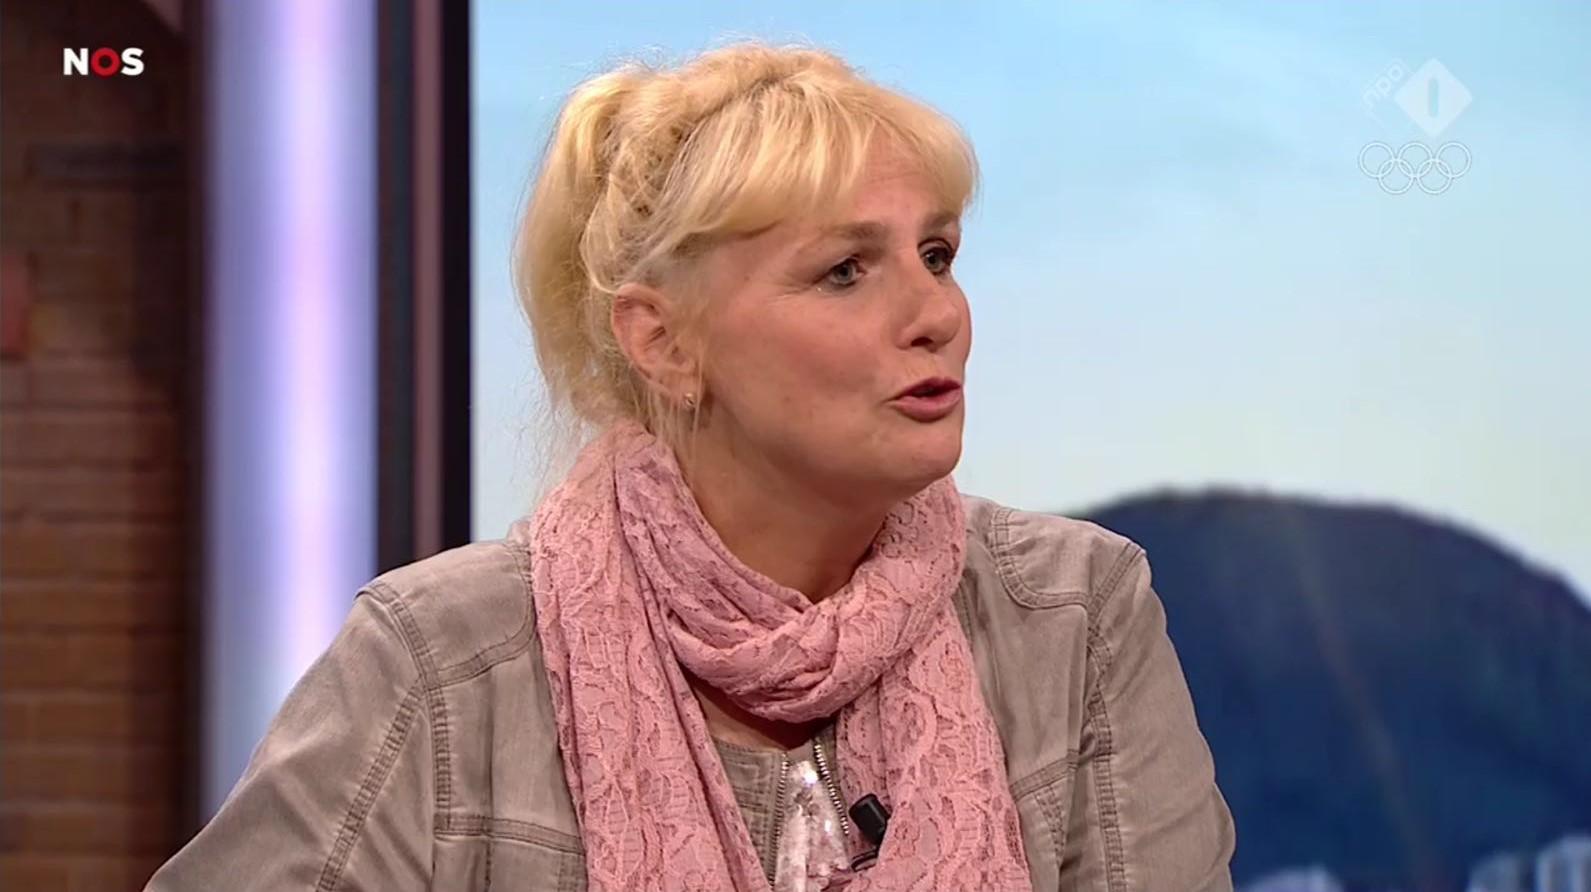 Ms. Marjolein Van Unen